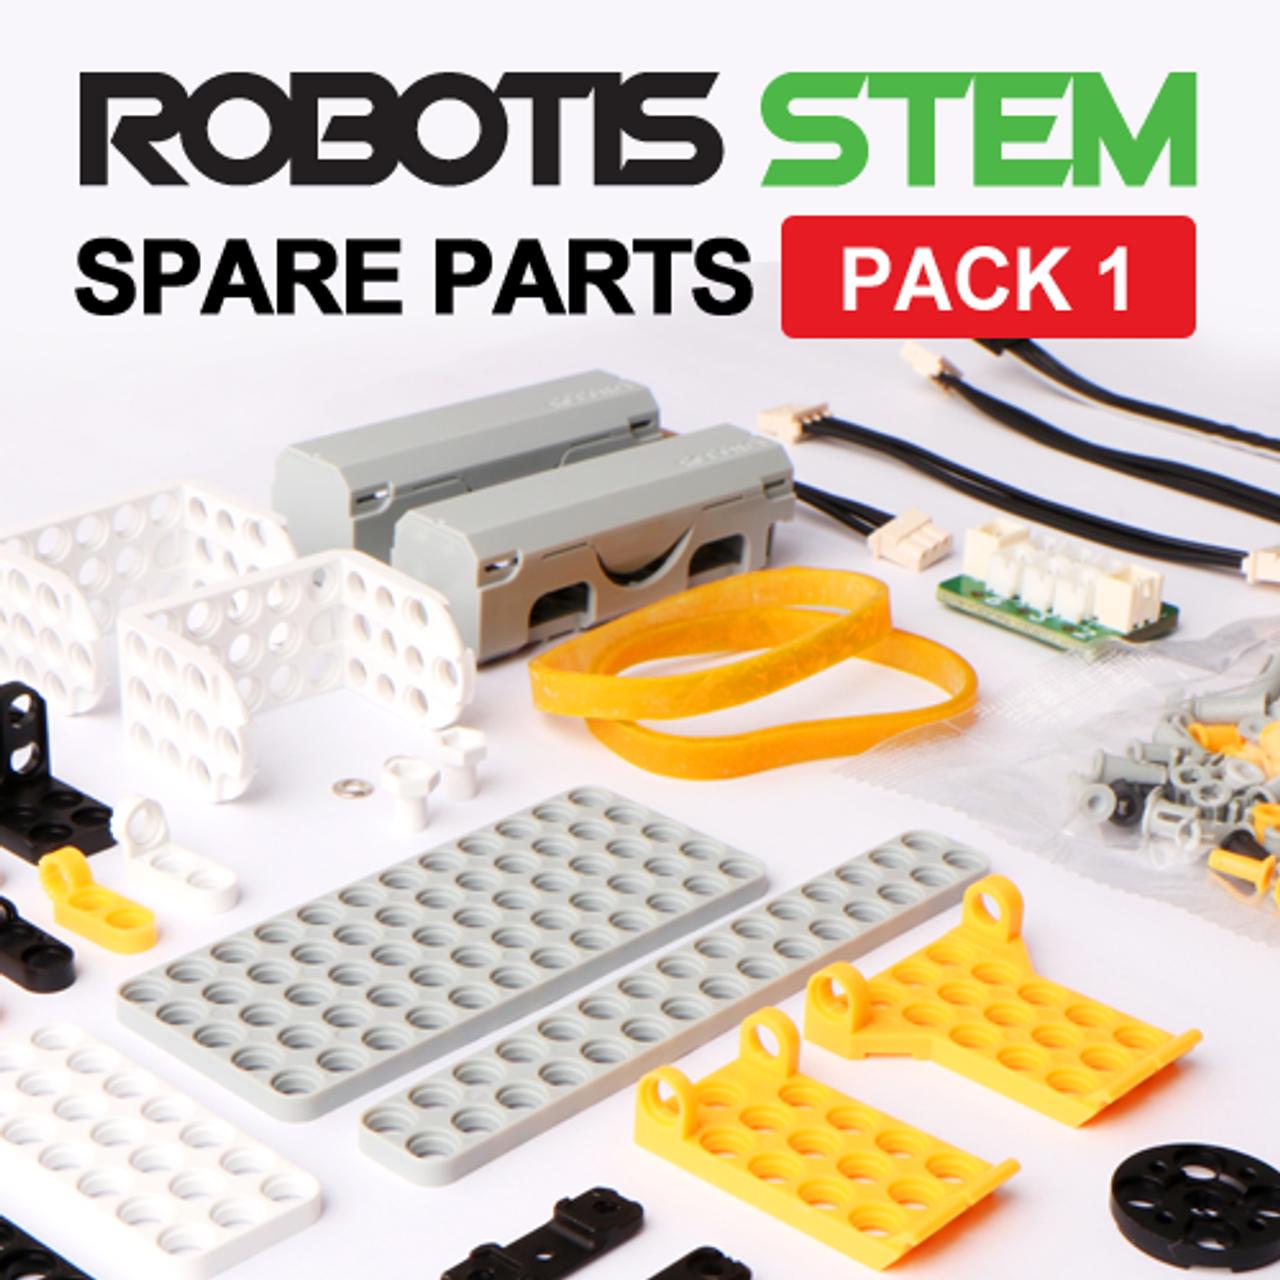 STEM_Spare Parts Pack 1